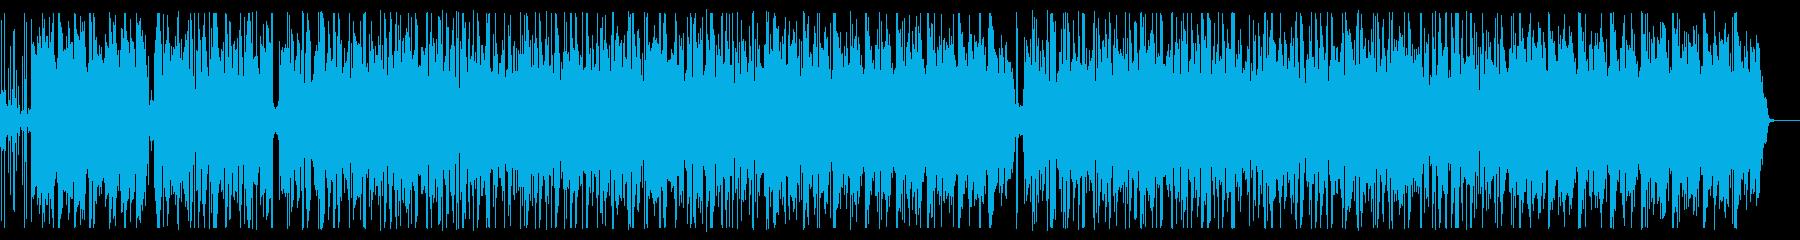 企業VP いやし・チル 34の再生済みの波形